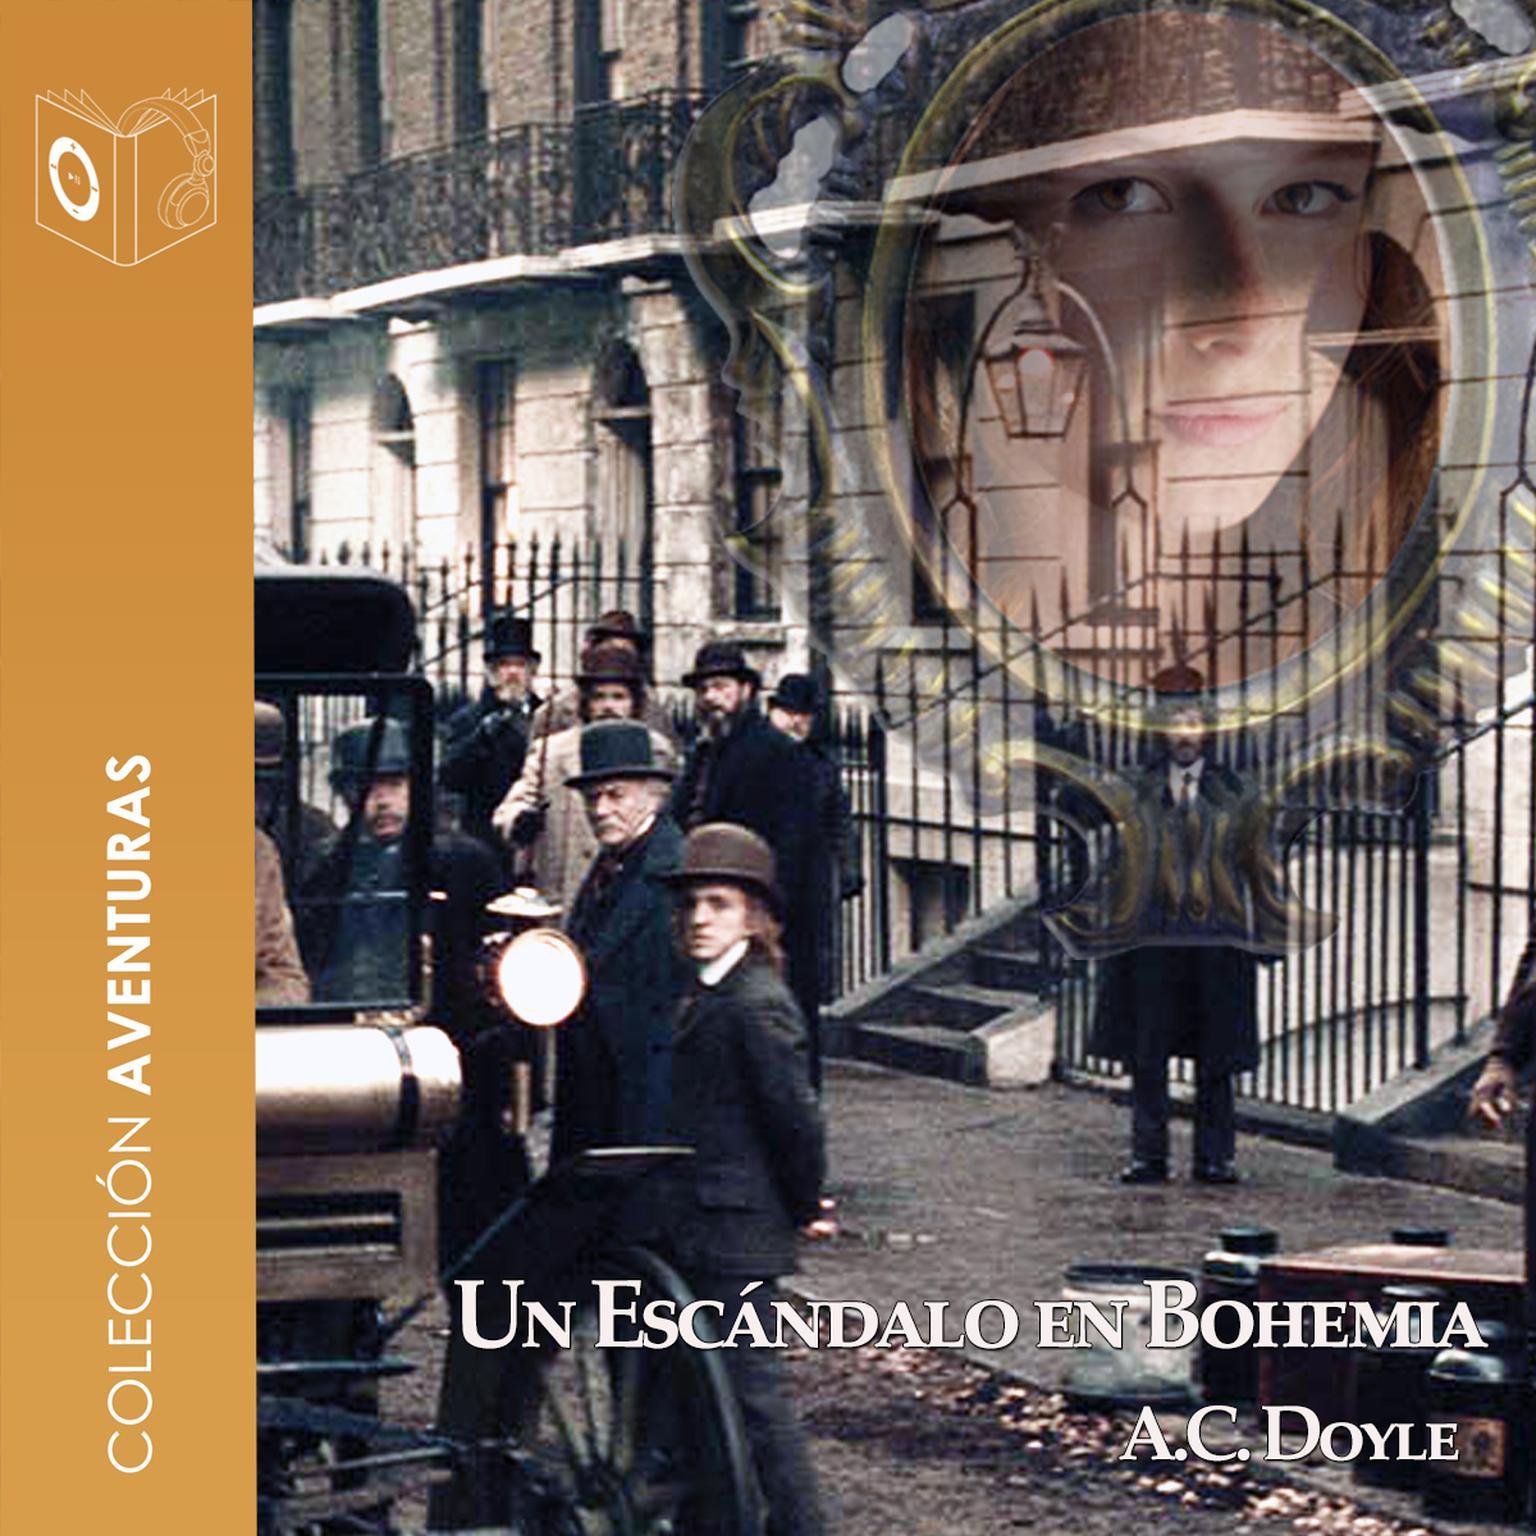 Un escándalo en Bohemia Audiobook, by Arthur Conan Doyle